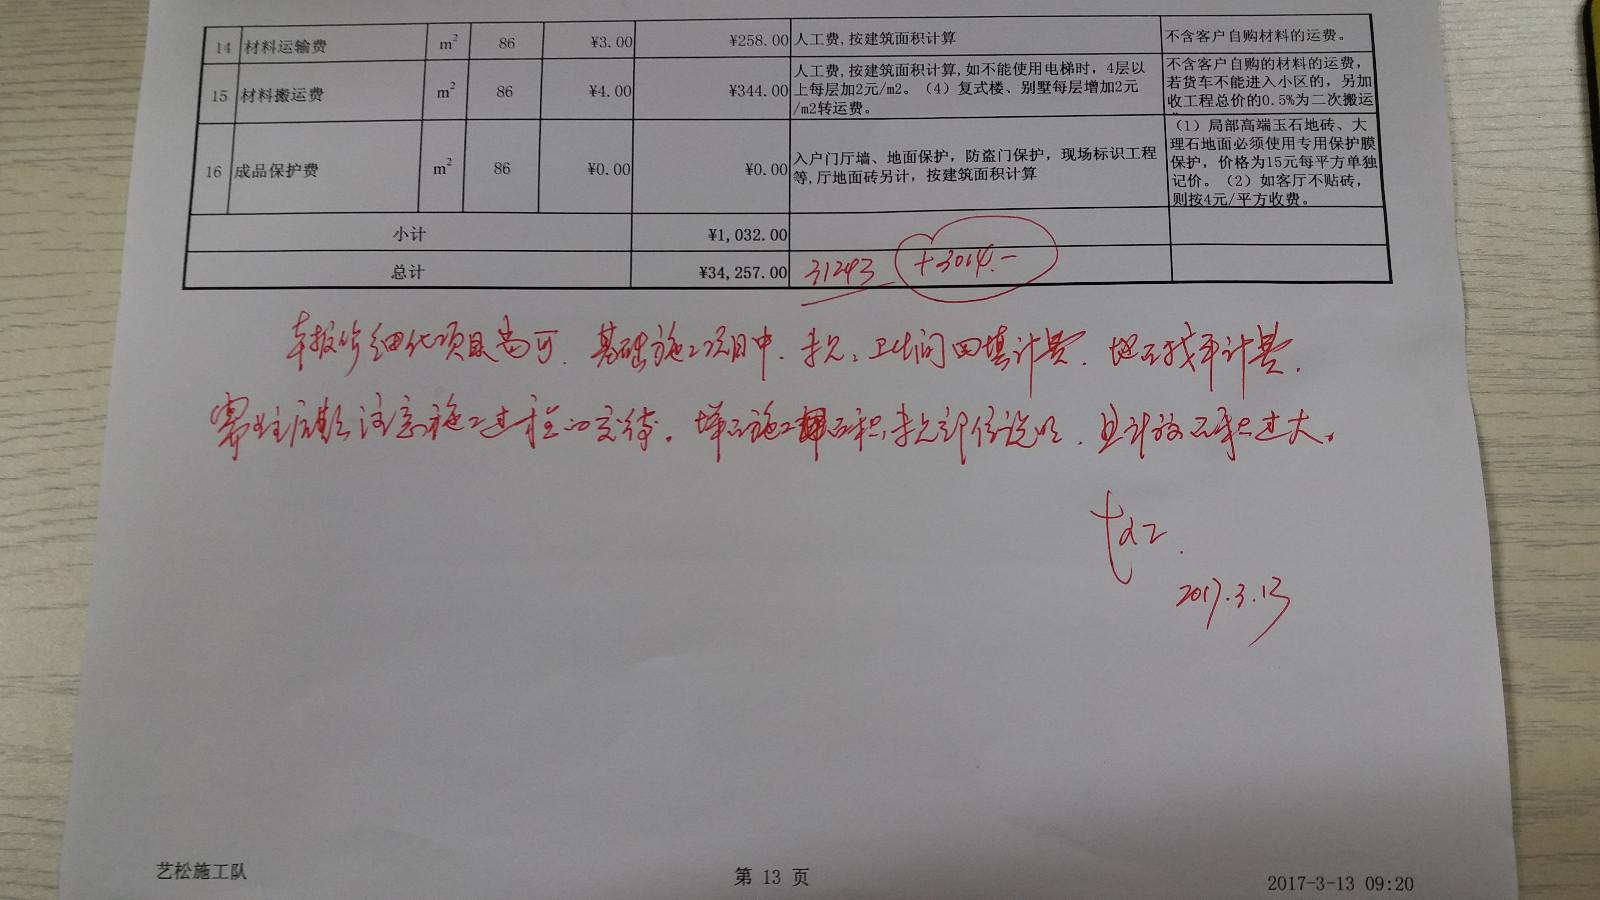 长源假日港湾报价审核结果11